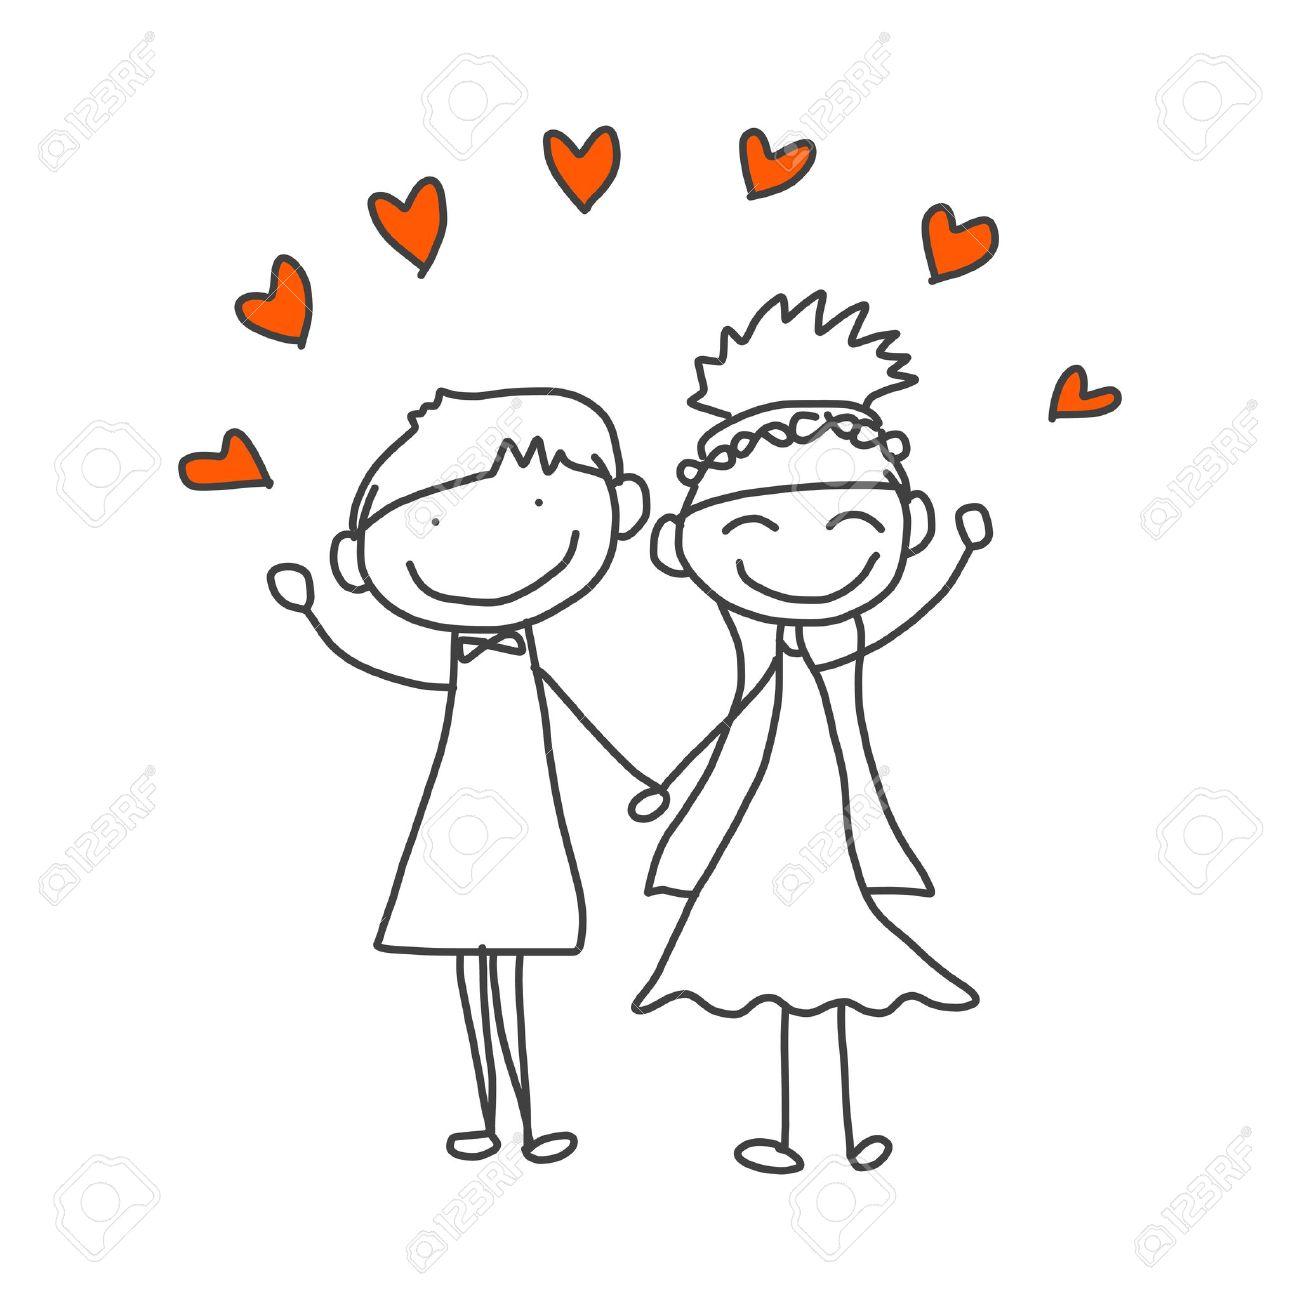 dessin animé mariage dessin à la main caricature heureux couple de mariage